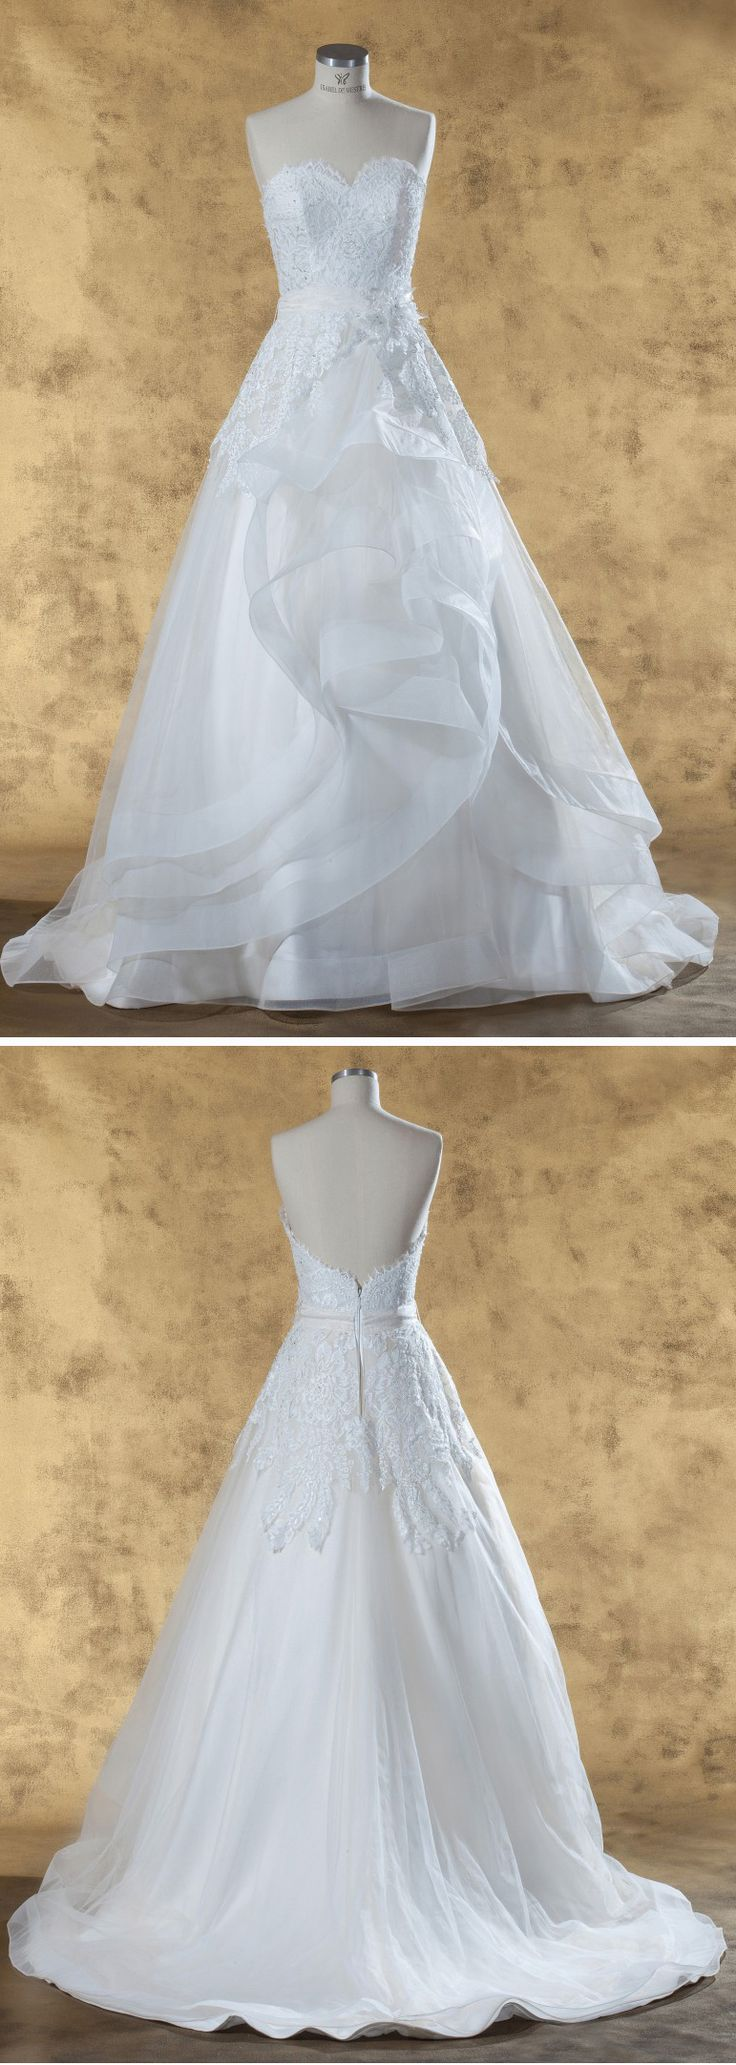 """Isabel de Mestre - New York Kollektion 2017: Brautkleid """"Ariane"""" im Prinzessinnenstil, trägerlos mit tiefem Rückenausschnitt."""